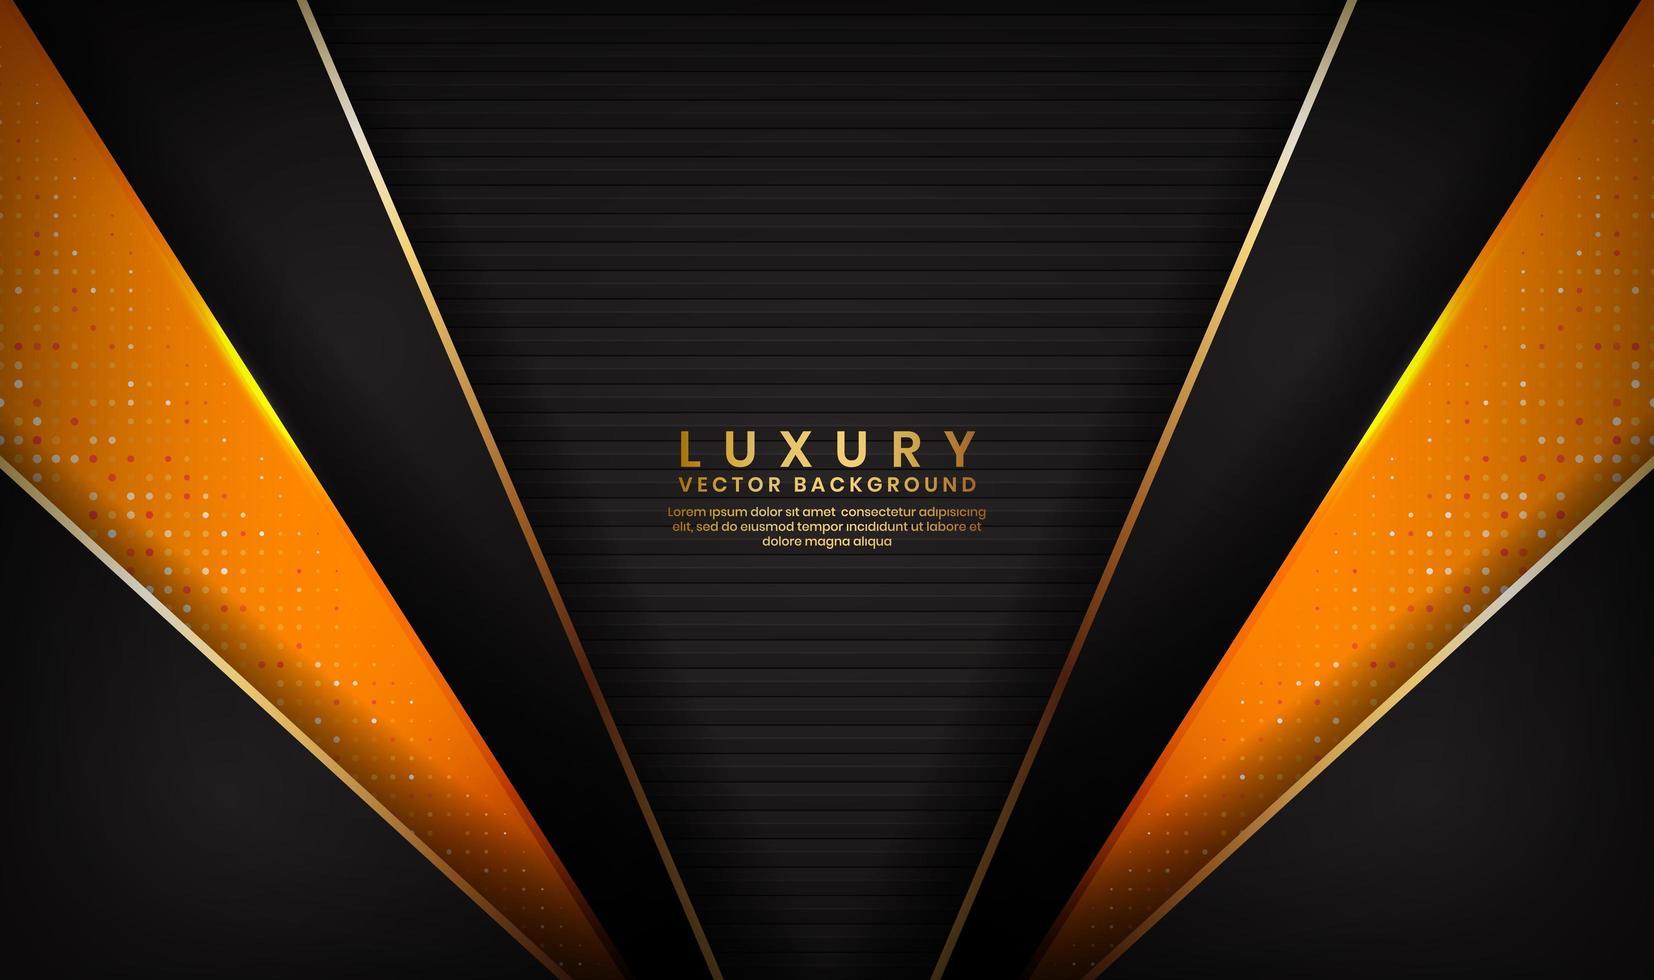 Fondo abstracto de lujo negro y naranja con líneas doradas vector